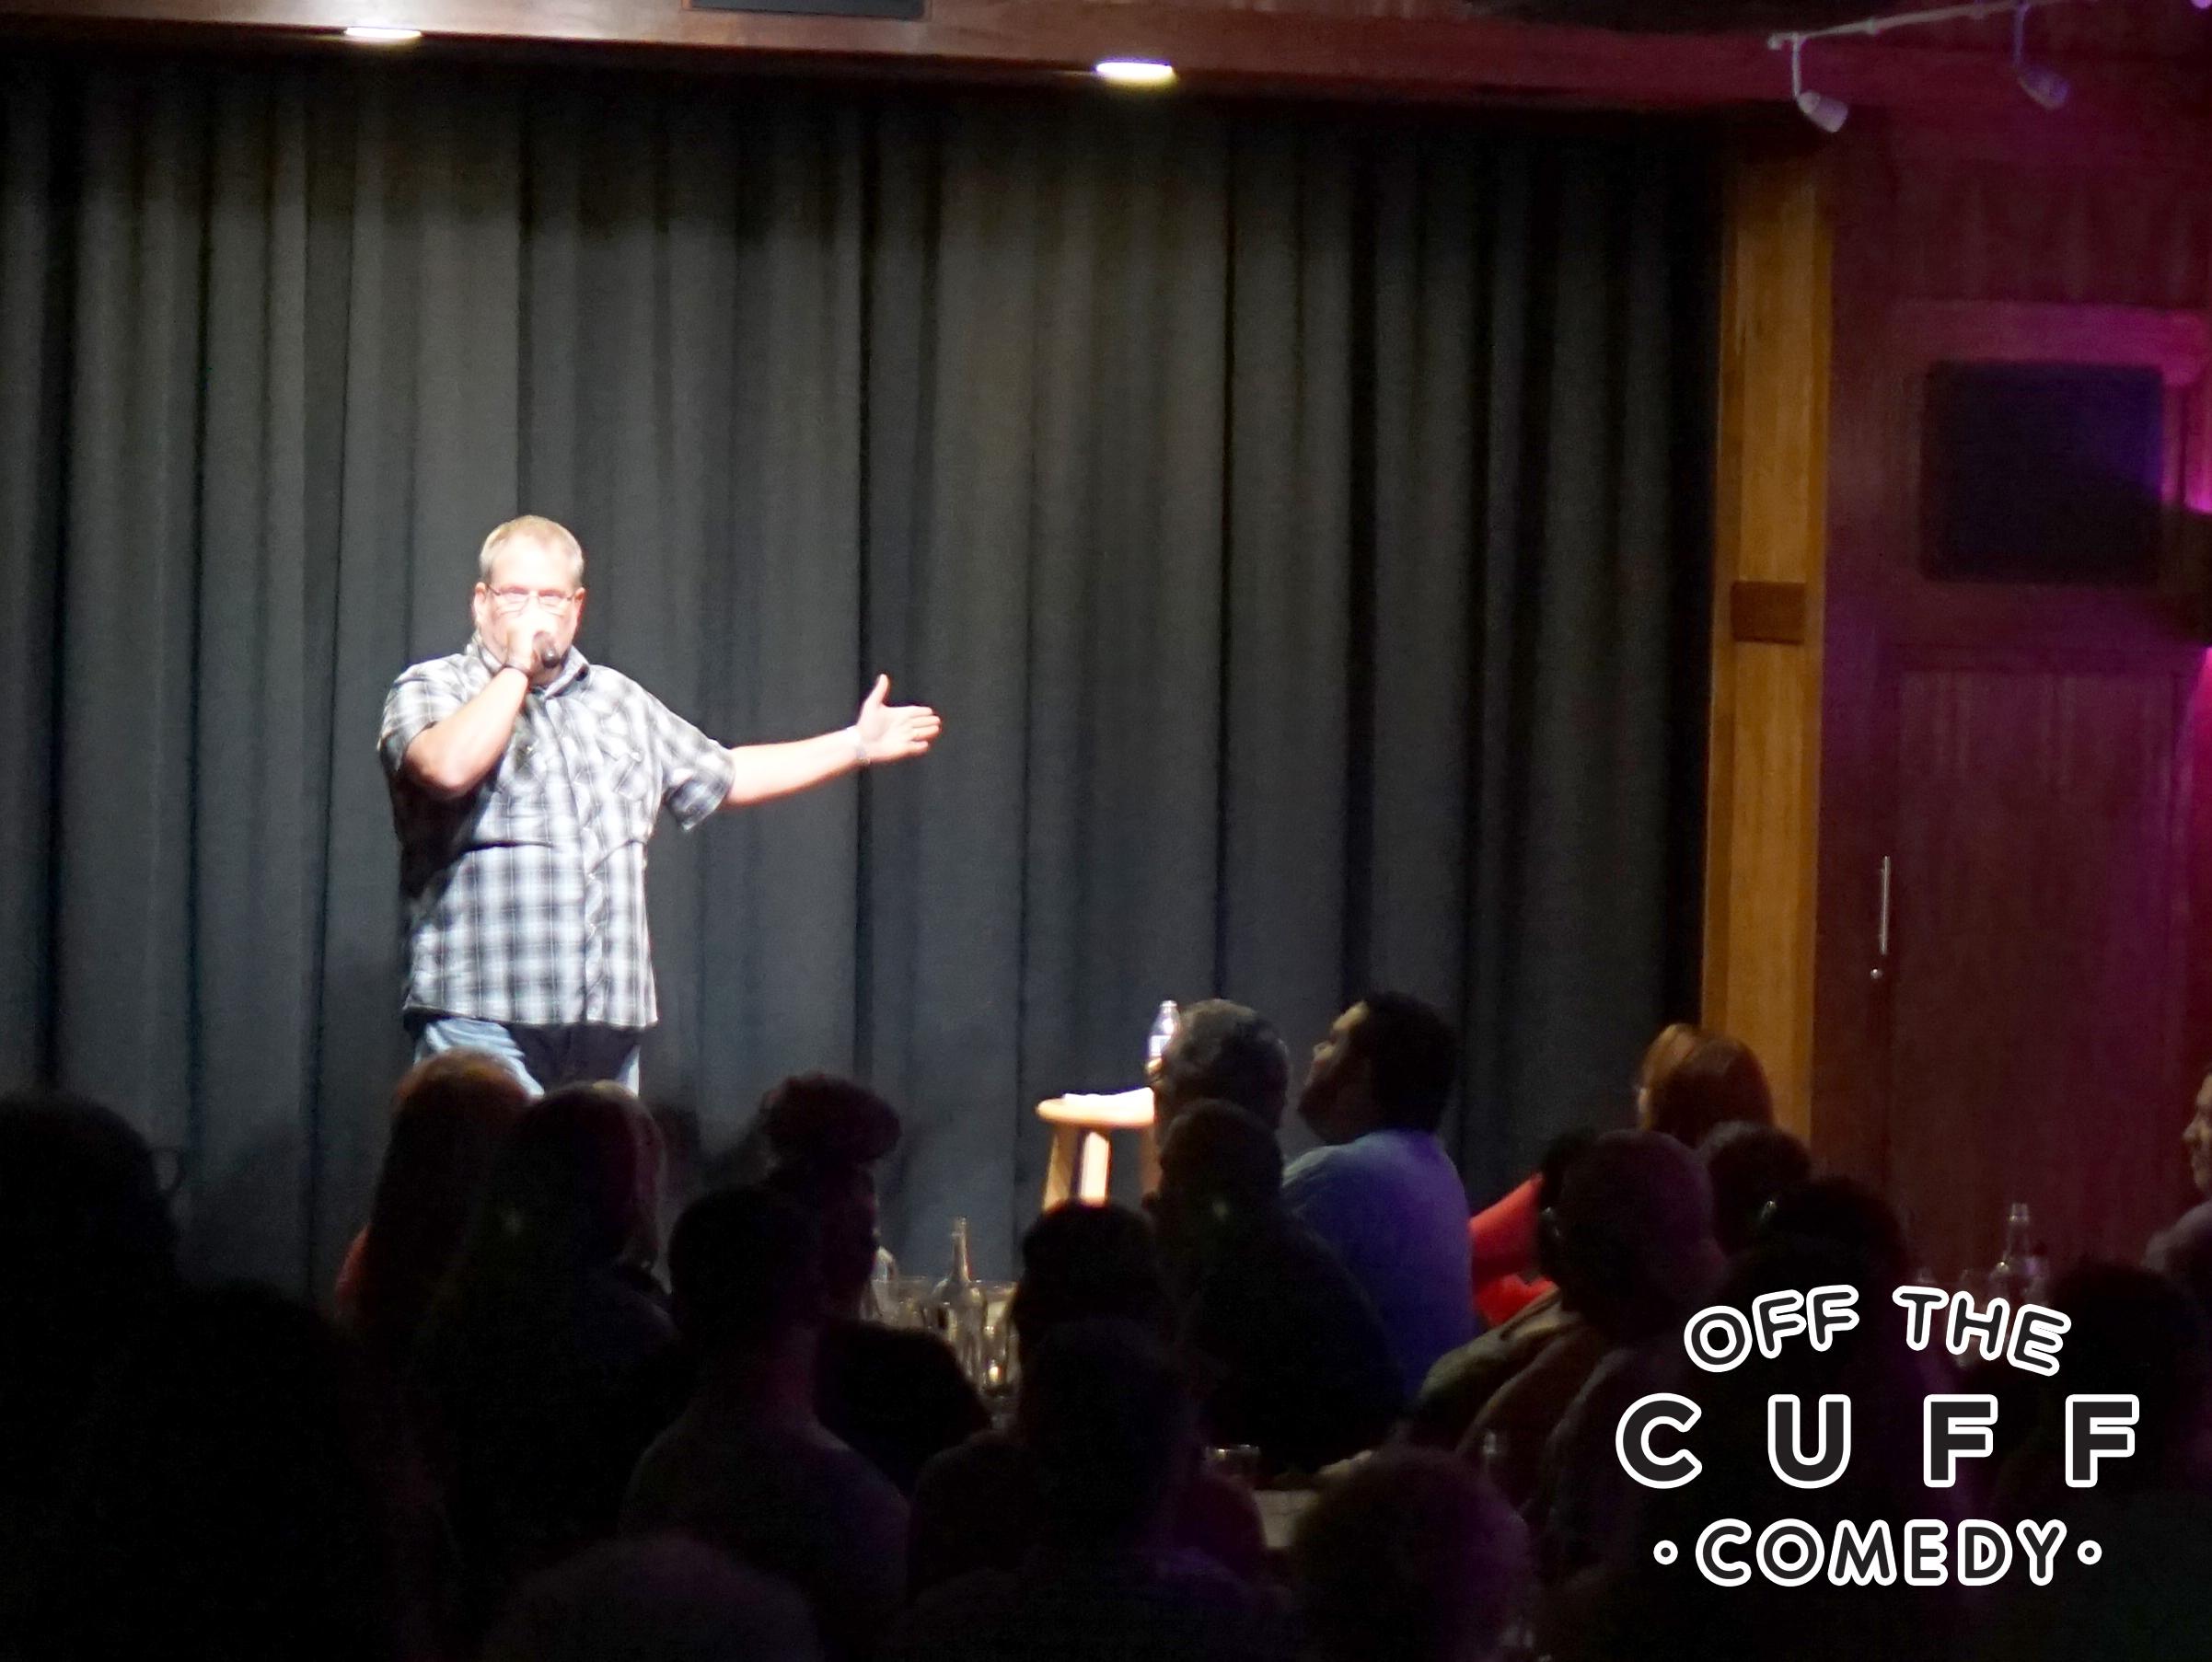 comedy web 2.jpg